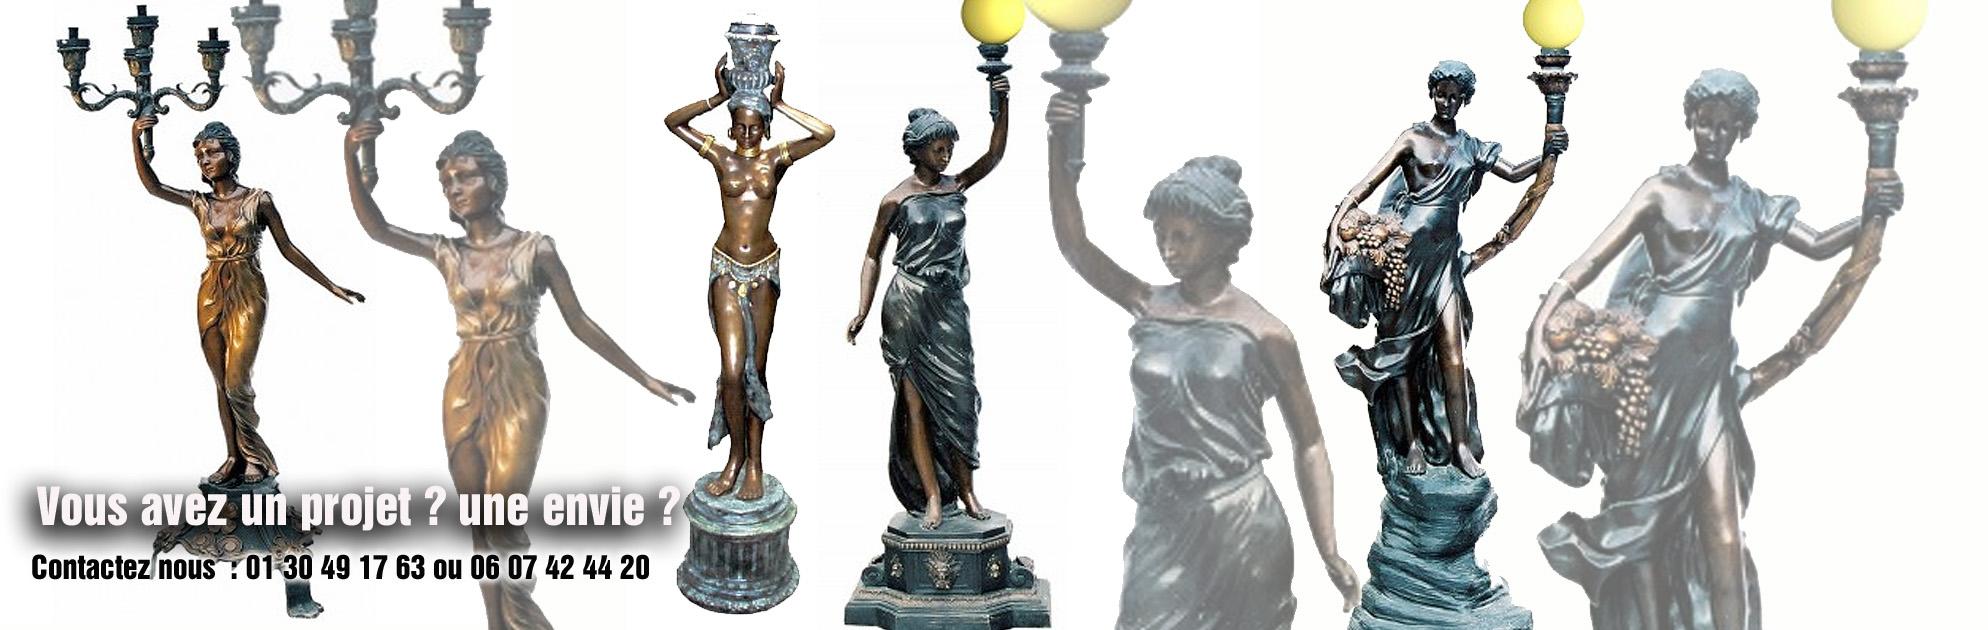 sculptures lampadaires bronze jardin